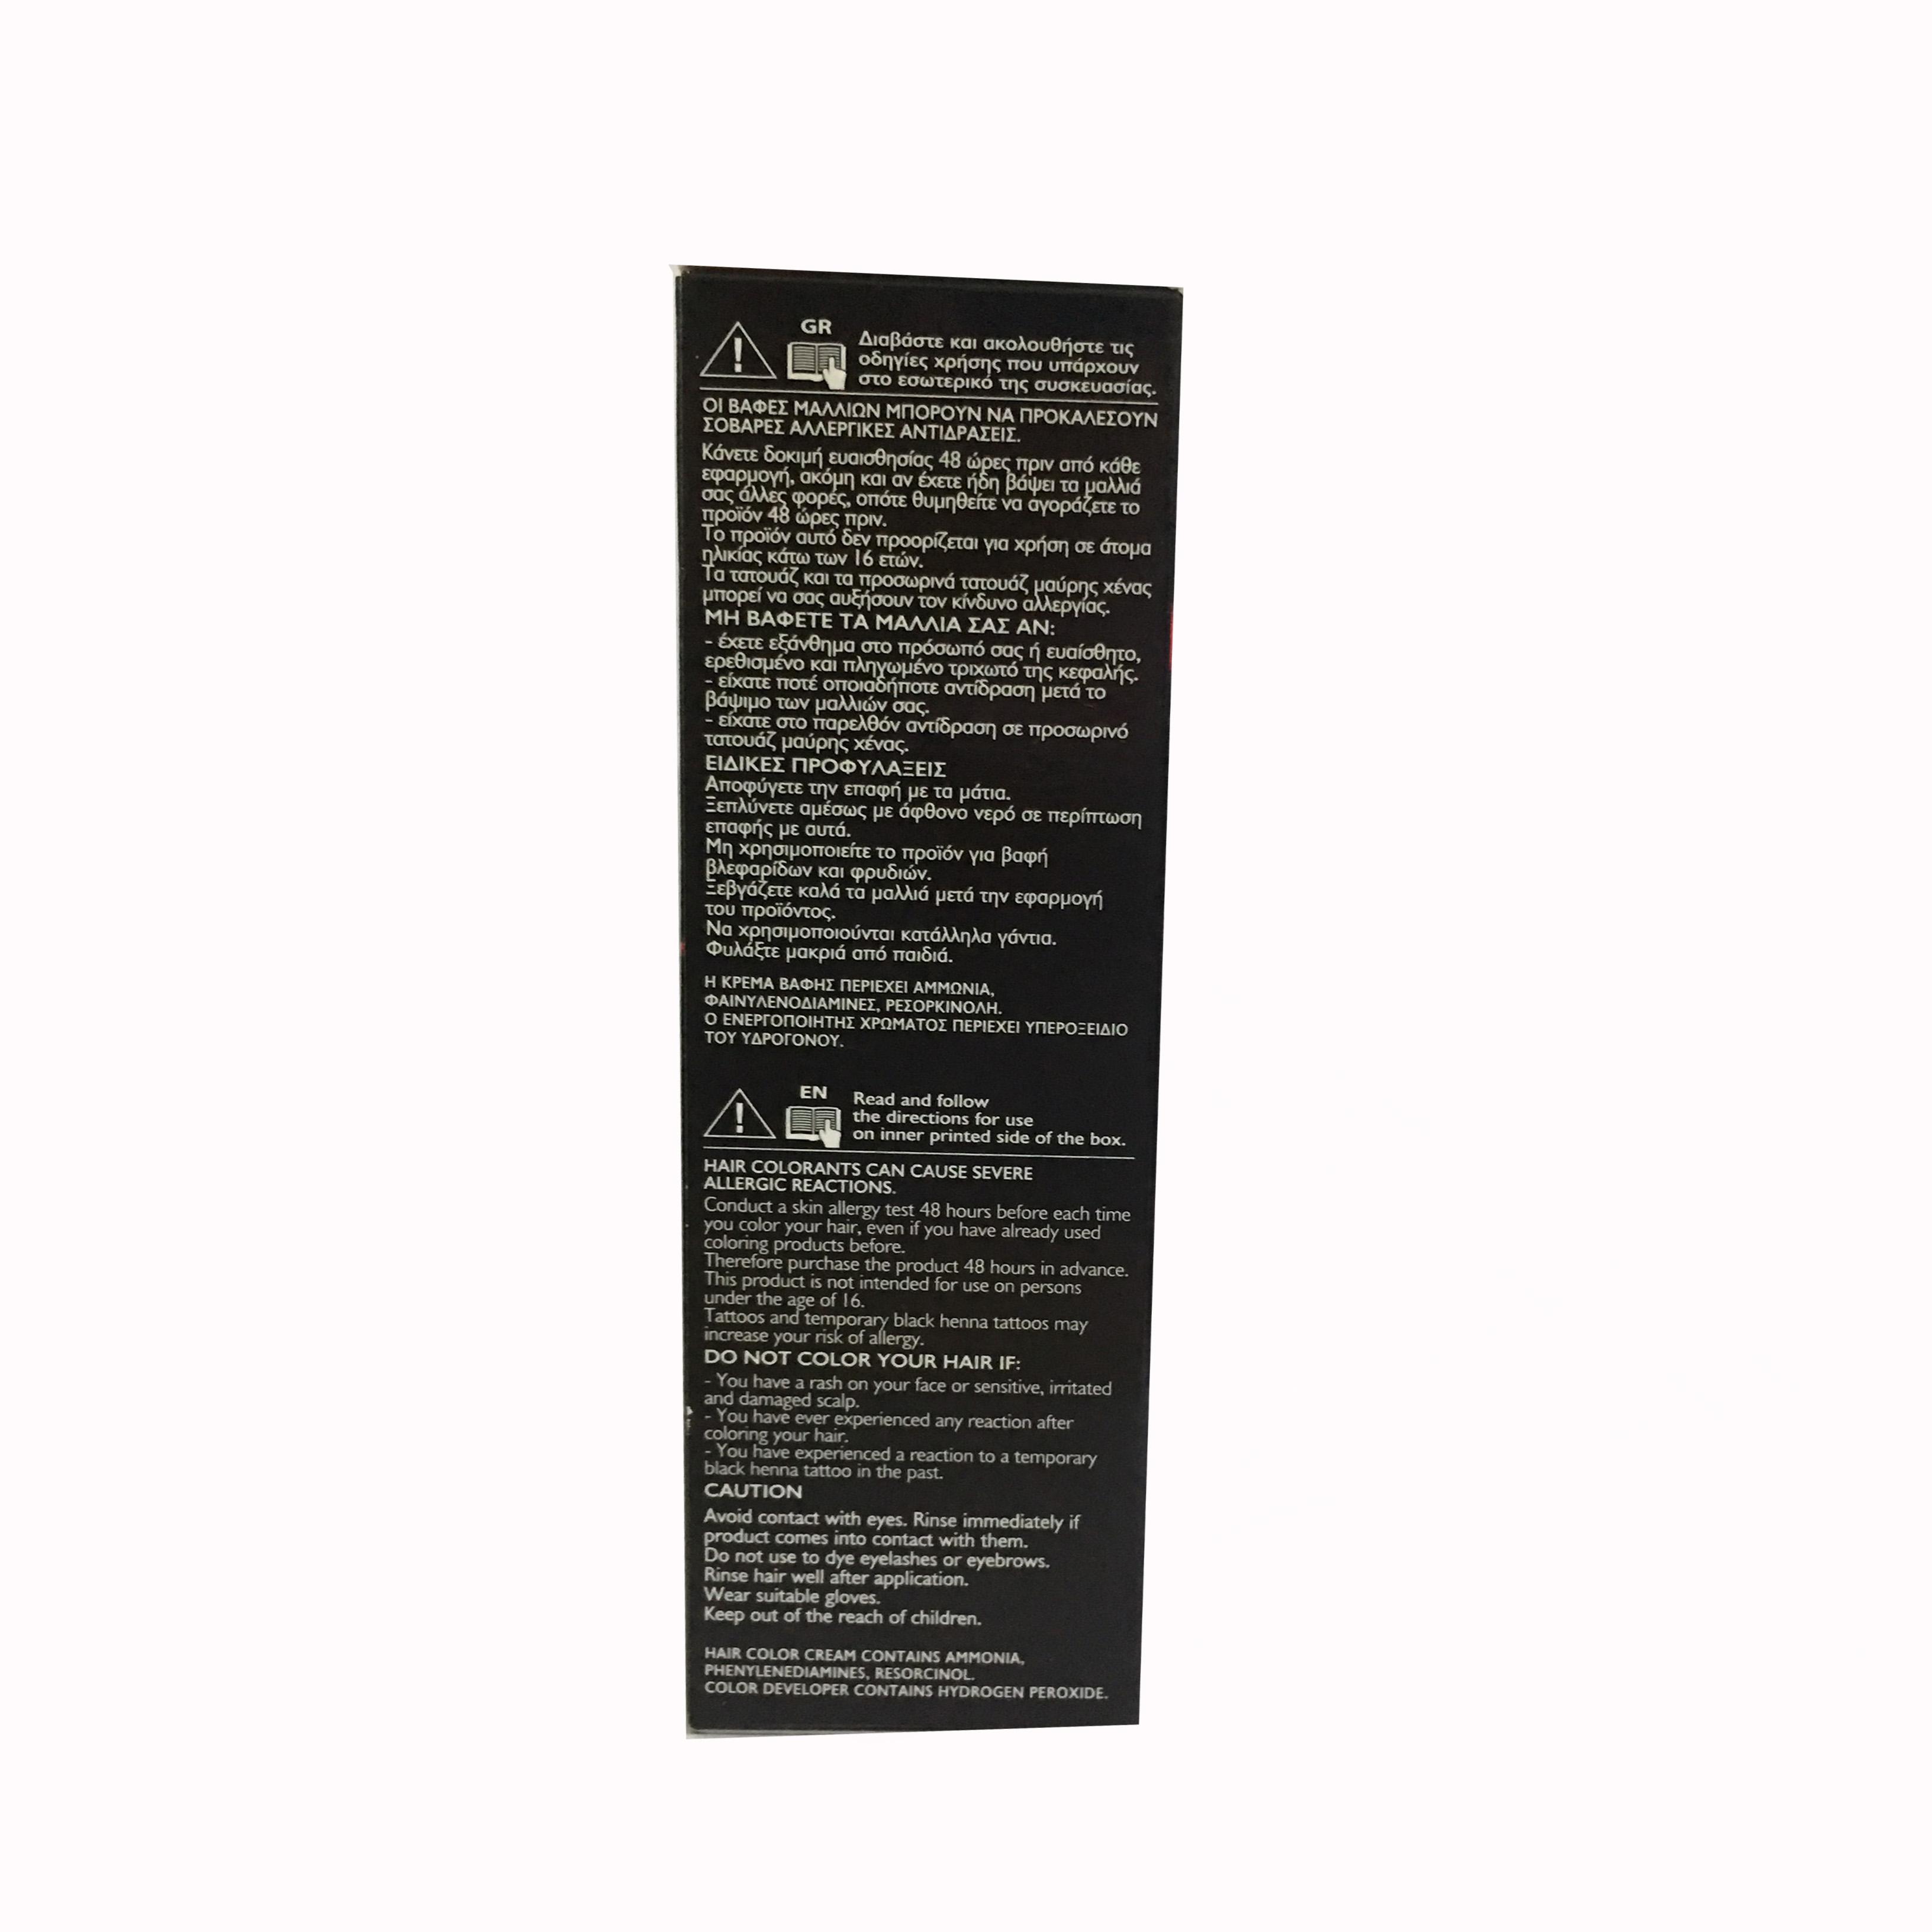 Màu nhuộm phủ bạc đen nâu Farcom HD Color 4.0 Chestnut (140ml)